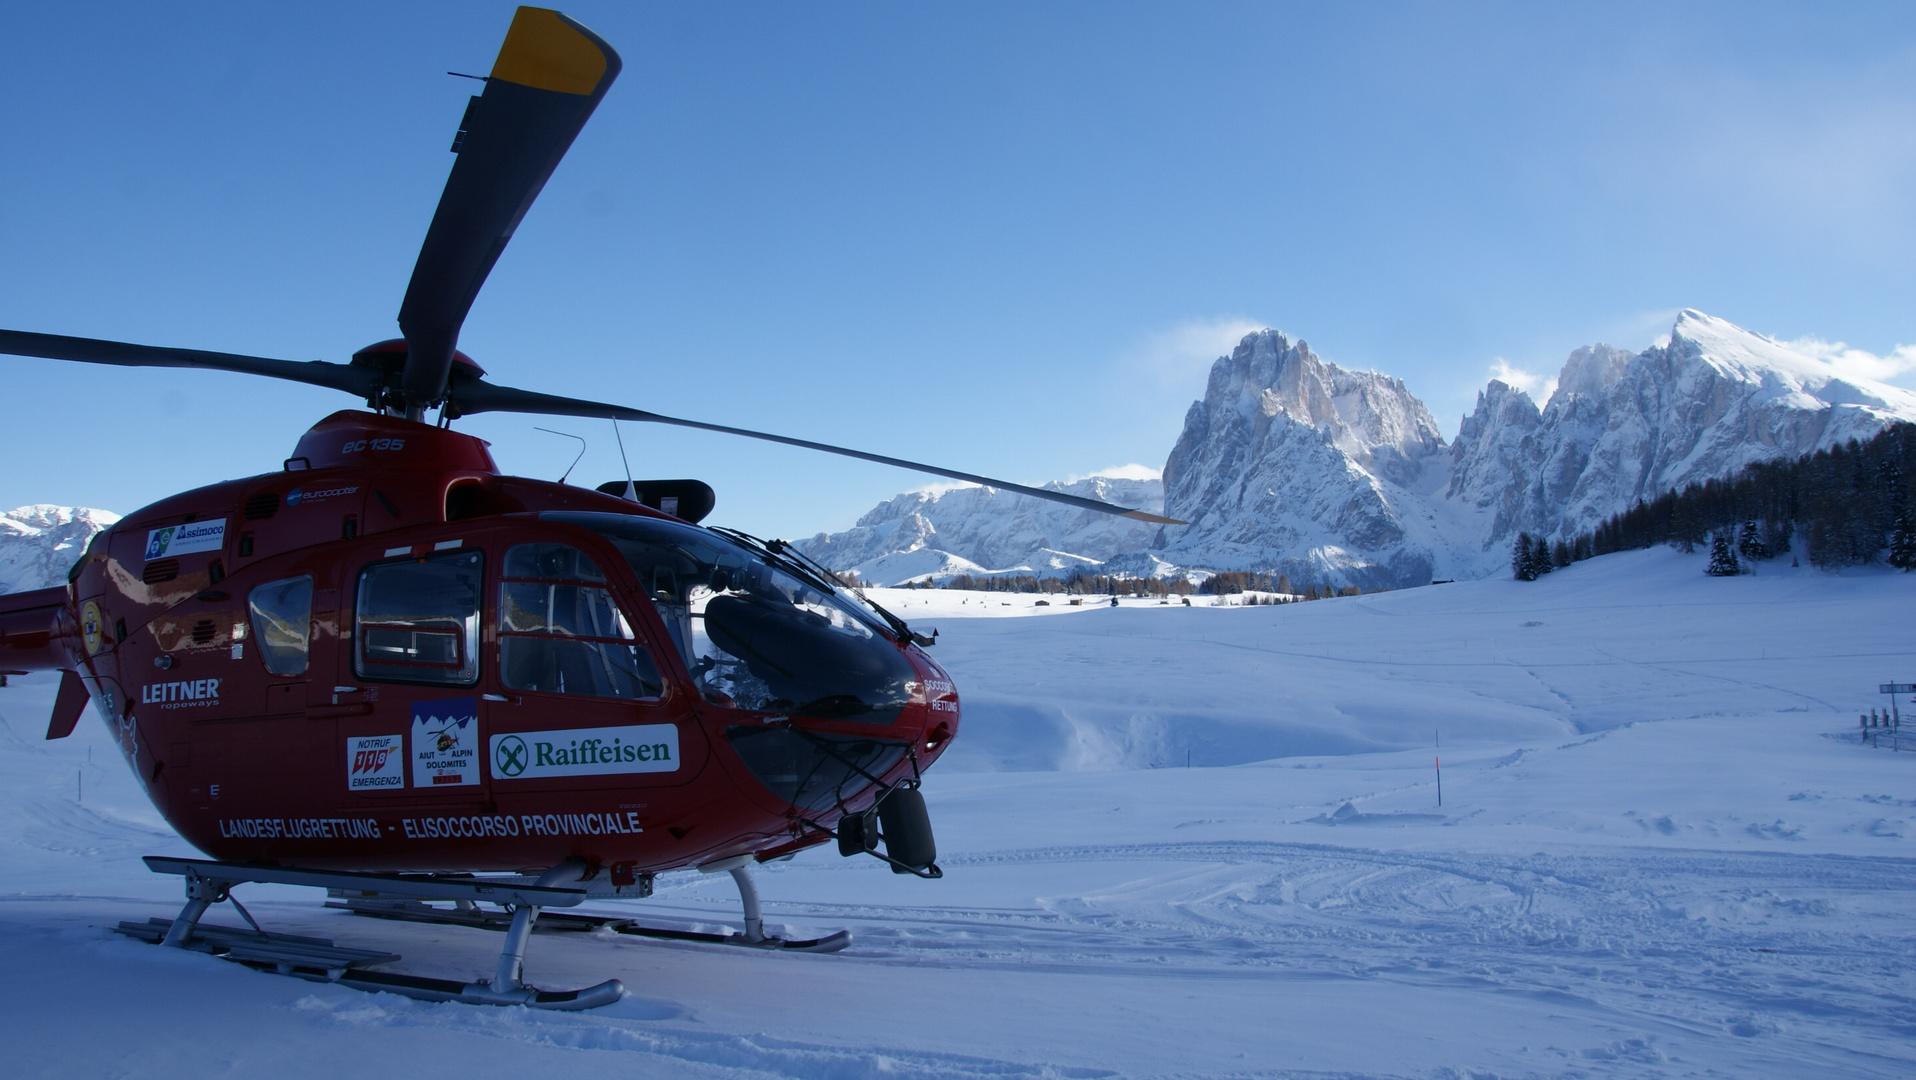 Ec135T2i, Aiut Alpin Dolomites, Flugrettung Dolomiten, Seiser Alm